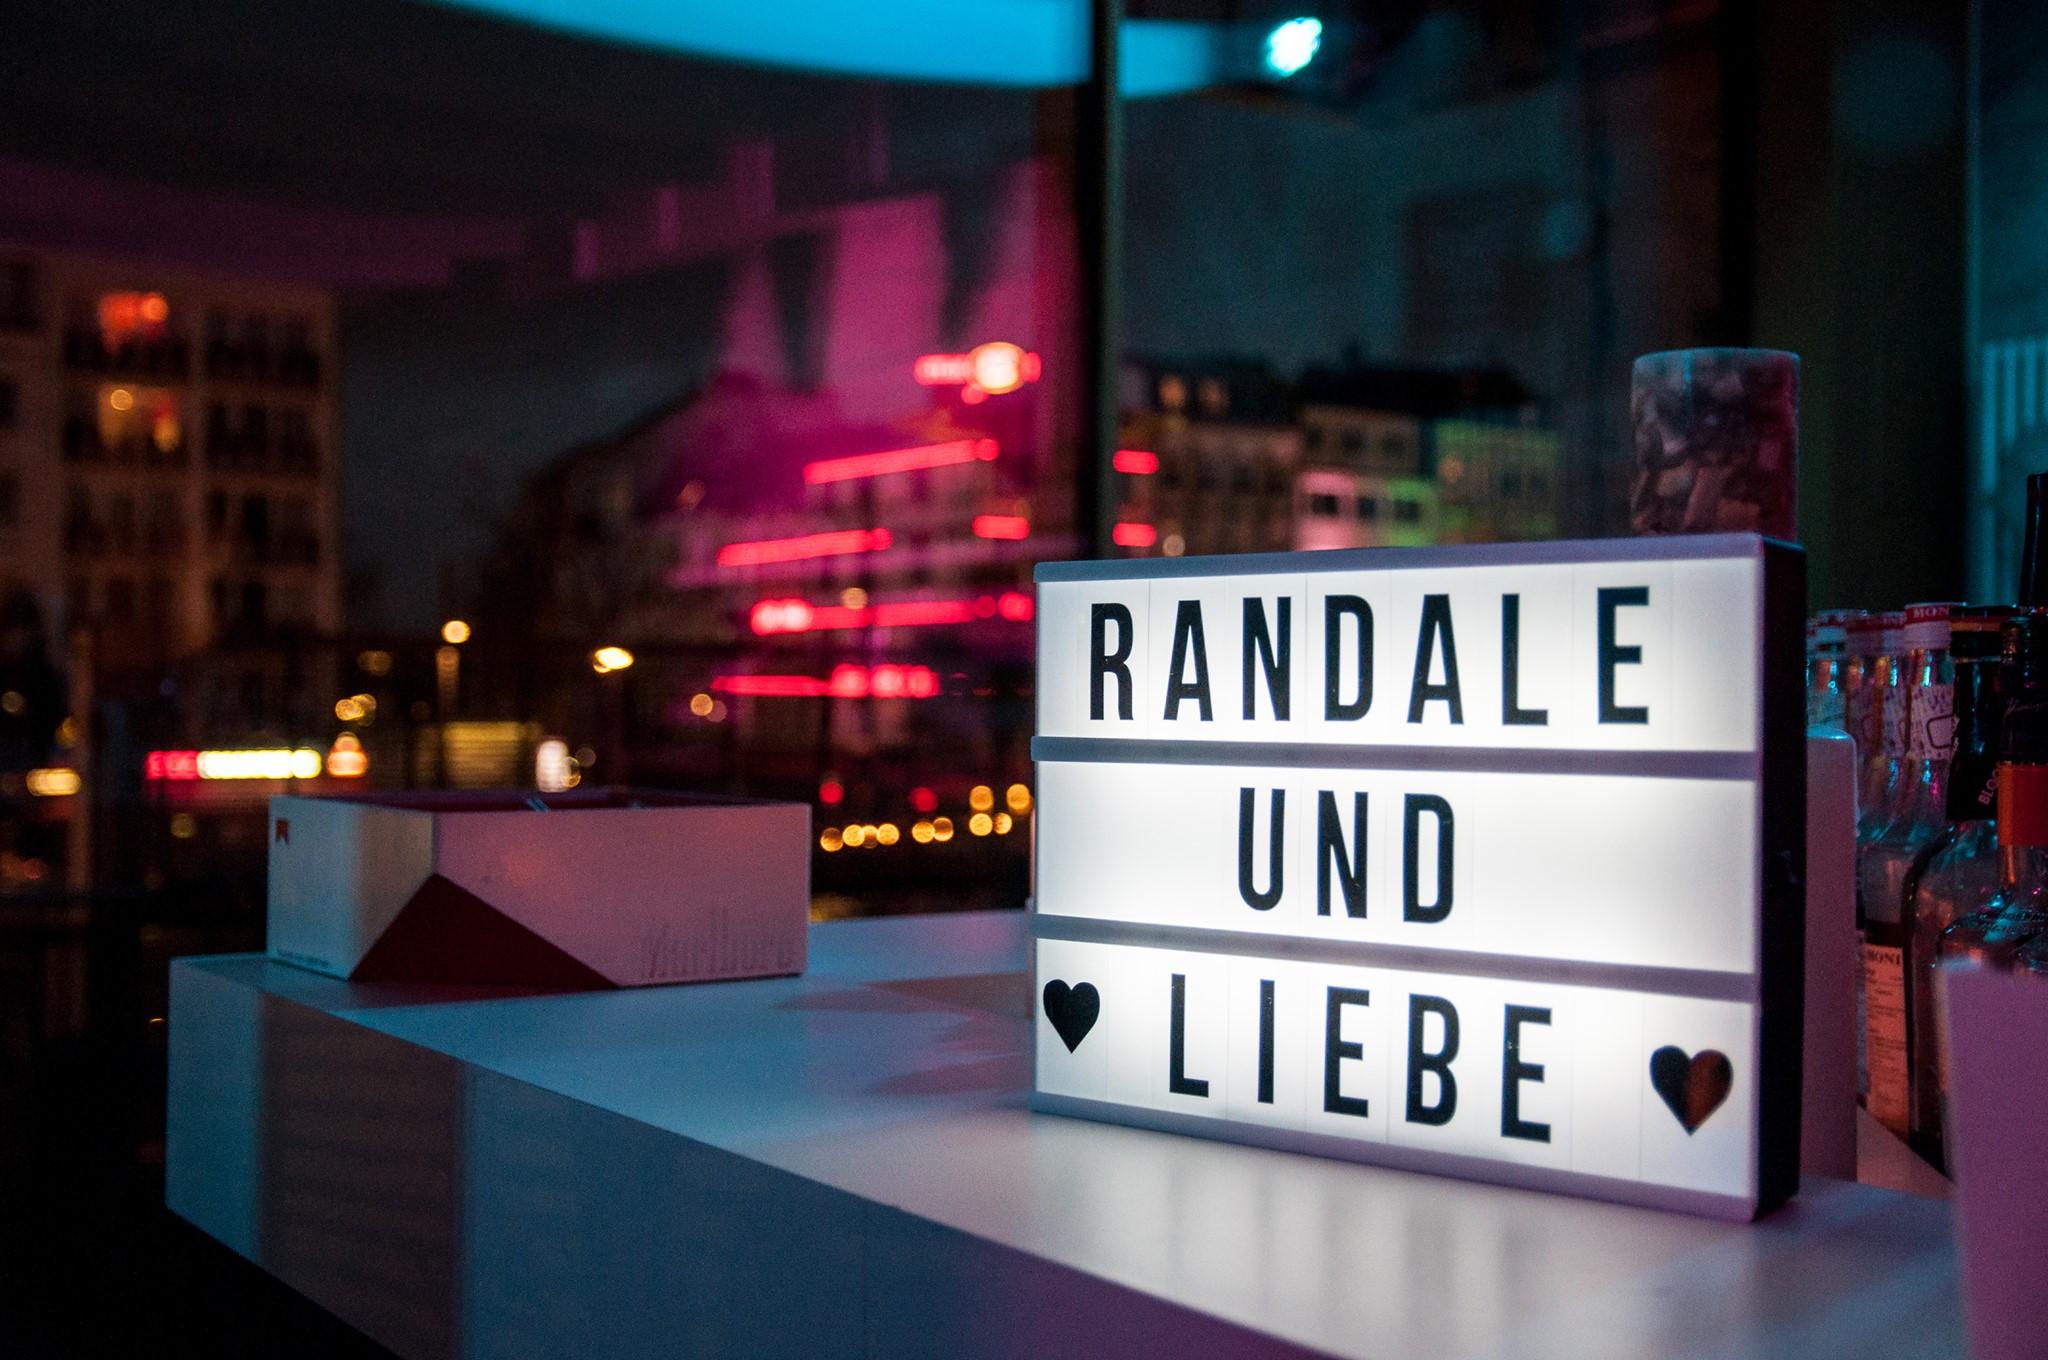 Neues Jahr, neue verbale Krawalle mit der Randale&Liebe-Lesebühne.